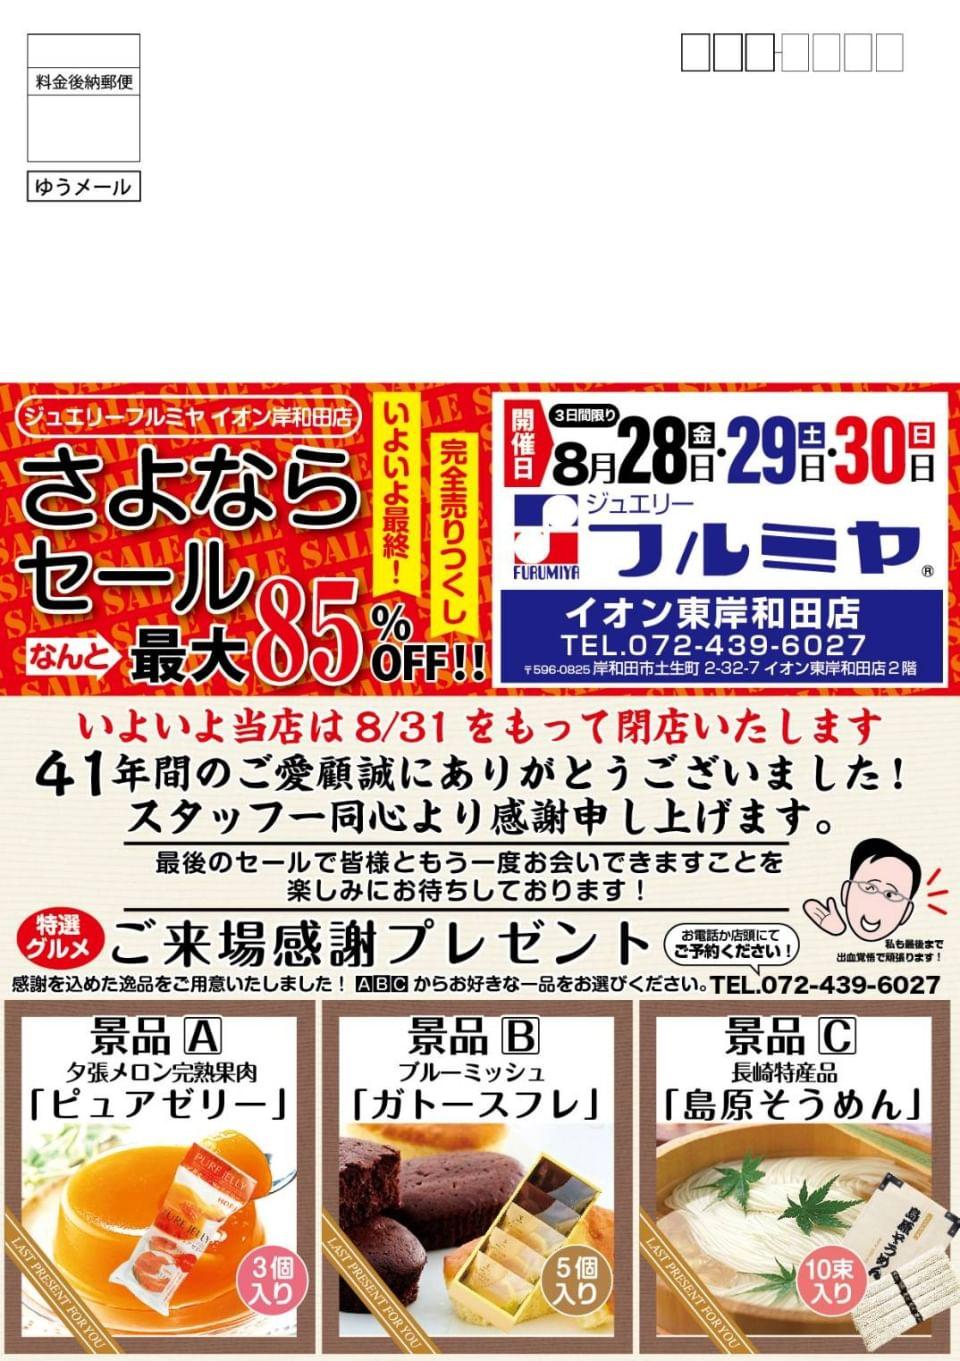 東 閉店 イオン 岸和田